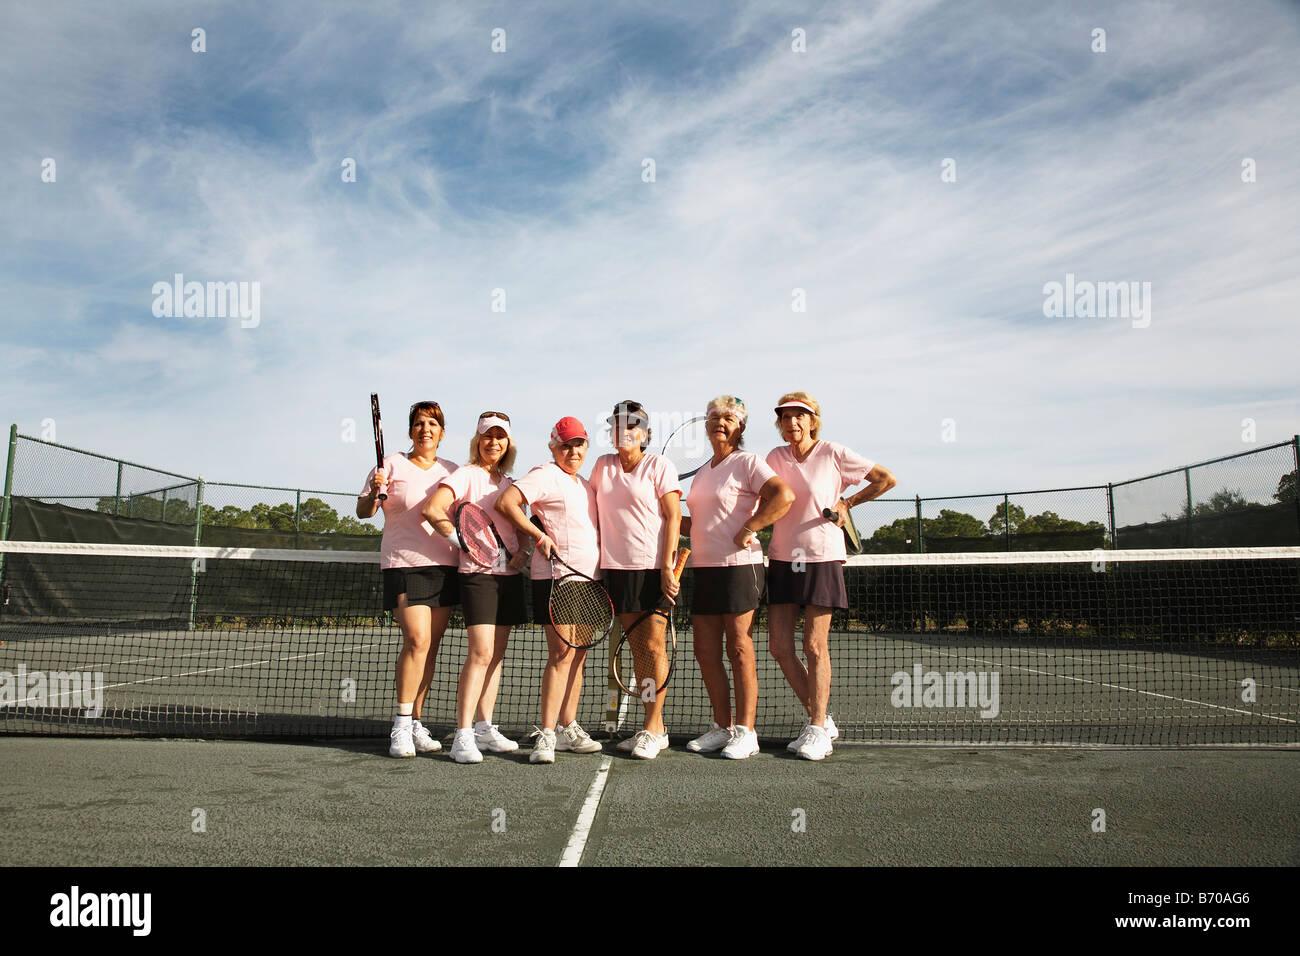 Women playing tennis in Ft. Pierce, Florida. - Stock Image